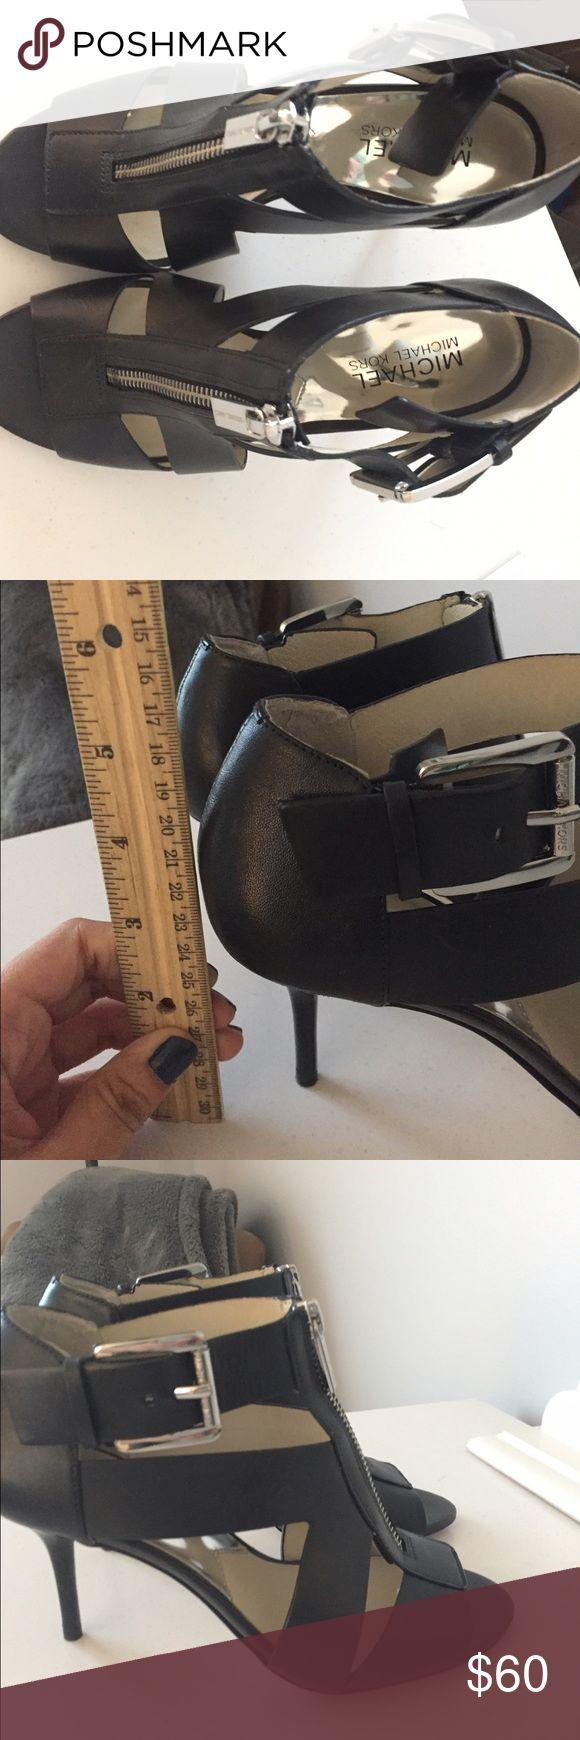 Michael Kors black zip up heels Michael Kors Black zip up heels. Worn a couple of times and in good condition. MICHAEL Michael Kors Shoes Heels